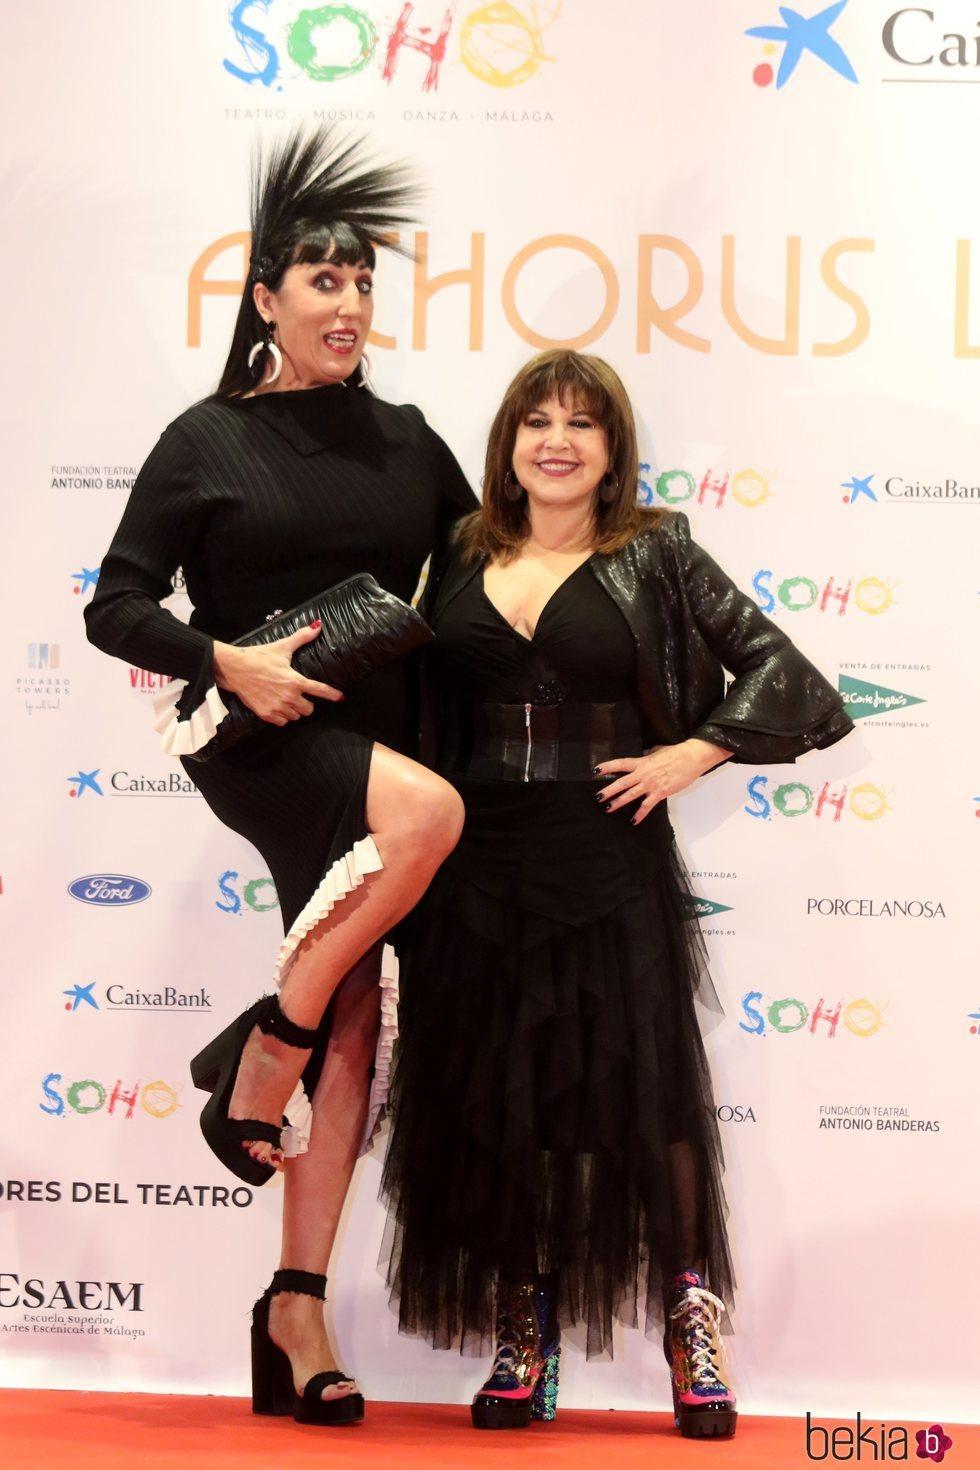 Rossy de Palma y Loles León en la apertura del teatro de Antonio Banderas, 'Teatro del Soho'